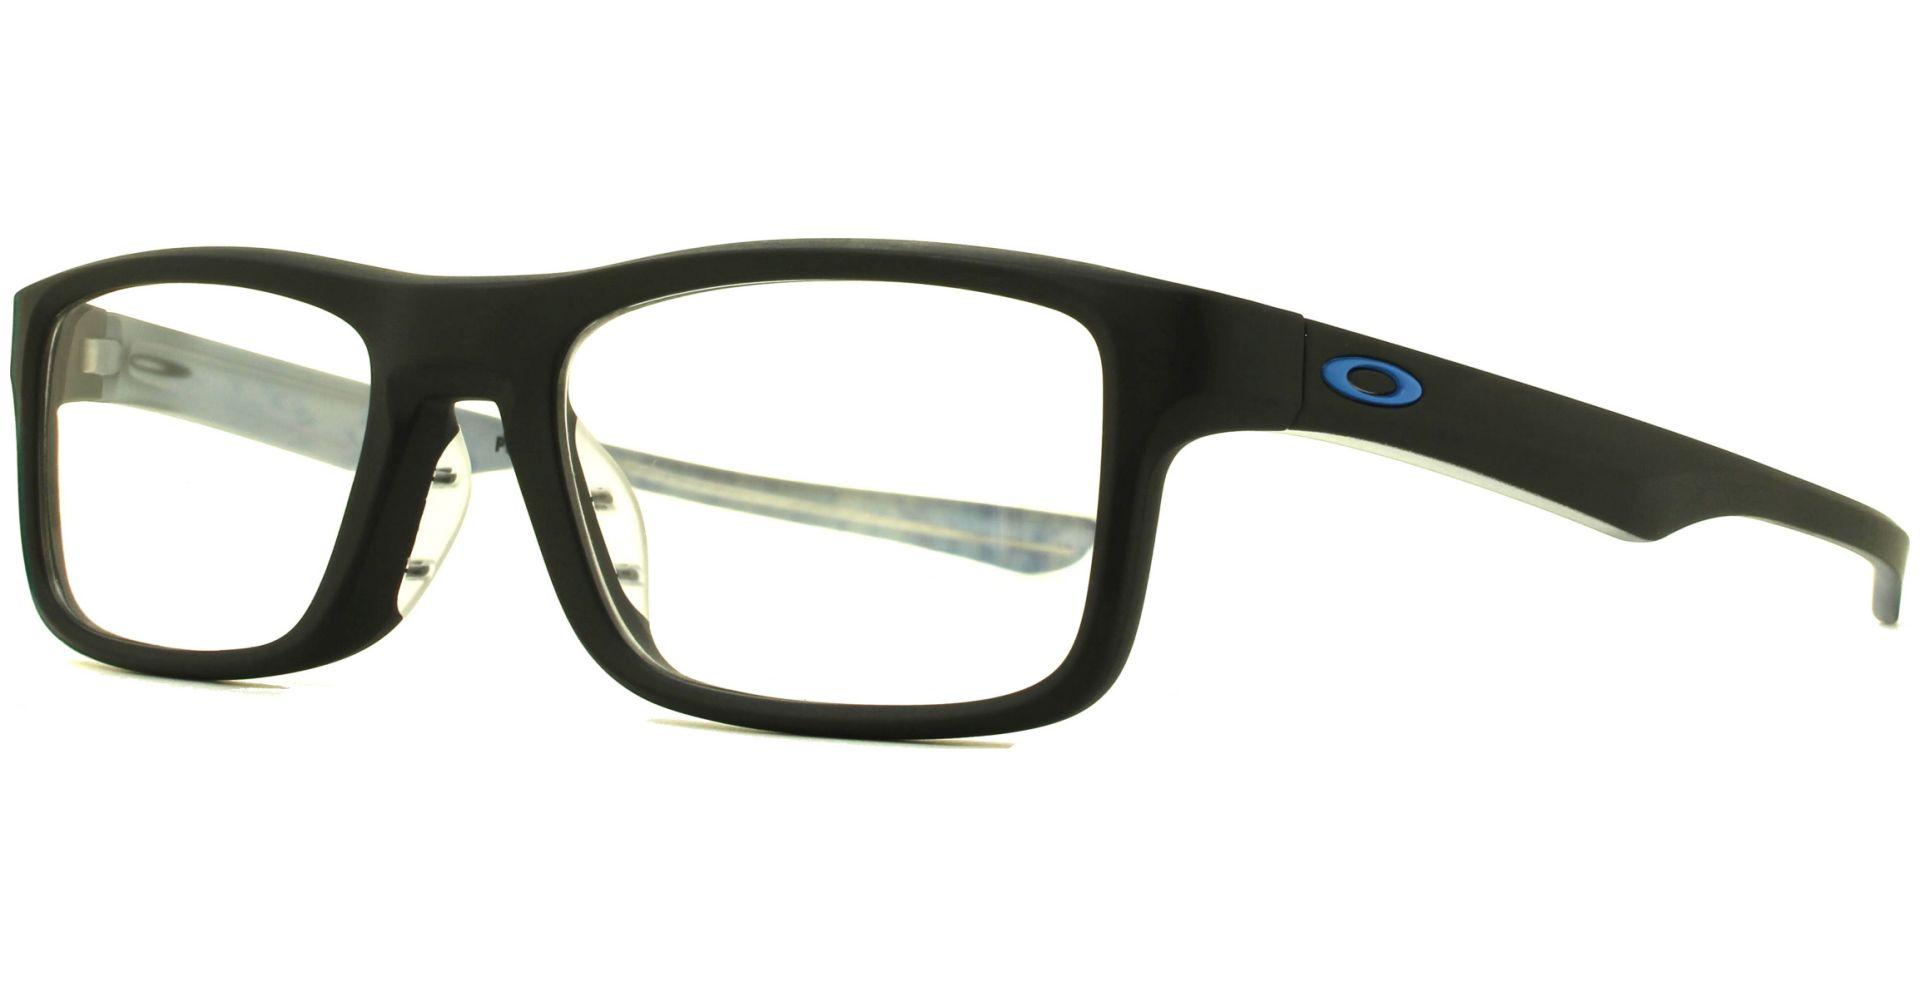 Oakley - Plank 2.0 OO8081 808101 5118 Satin Black - von Lensbest